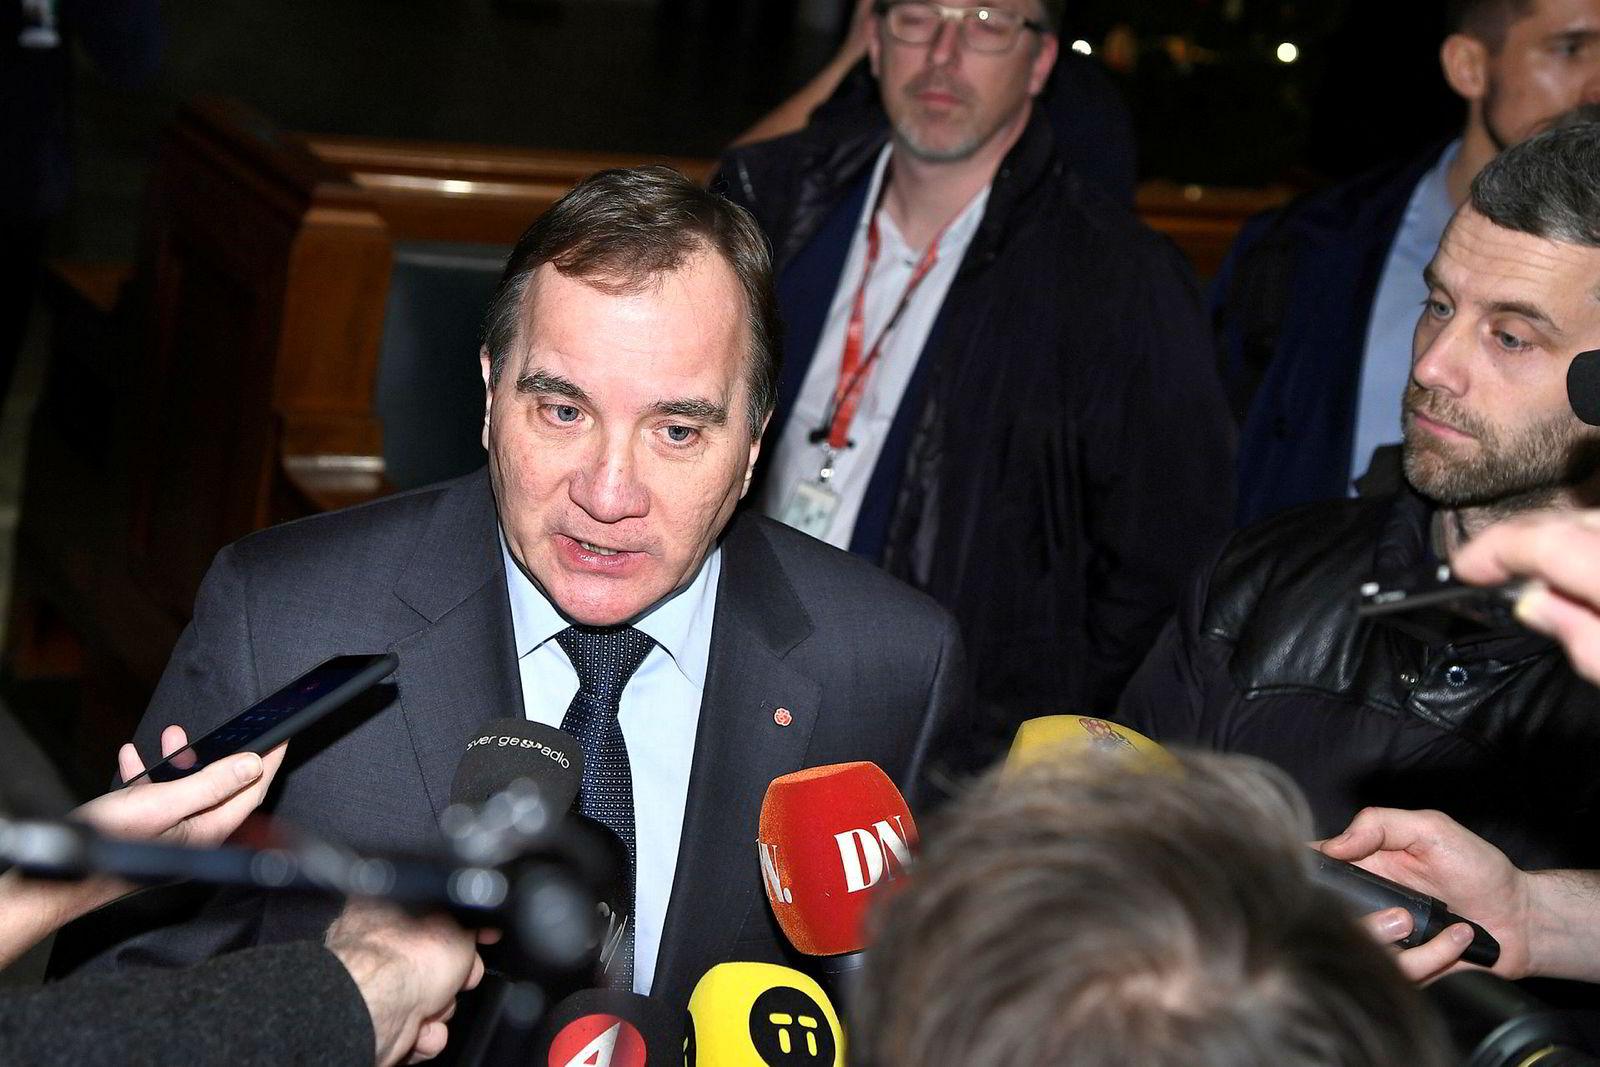 Stefan Löfven blir sittende som statsminister i Sverige etter at Centerpartiet og Liberalerna skiftet side.